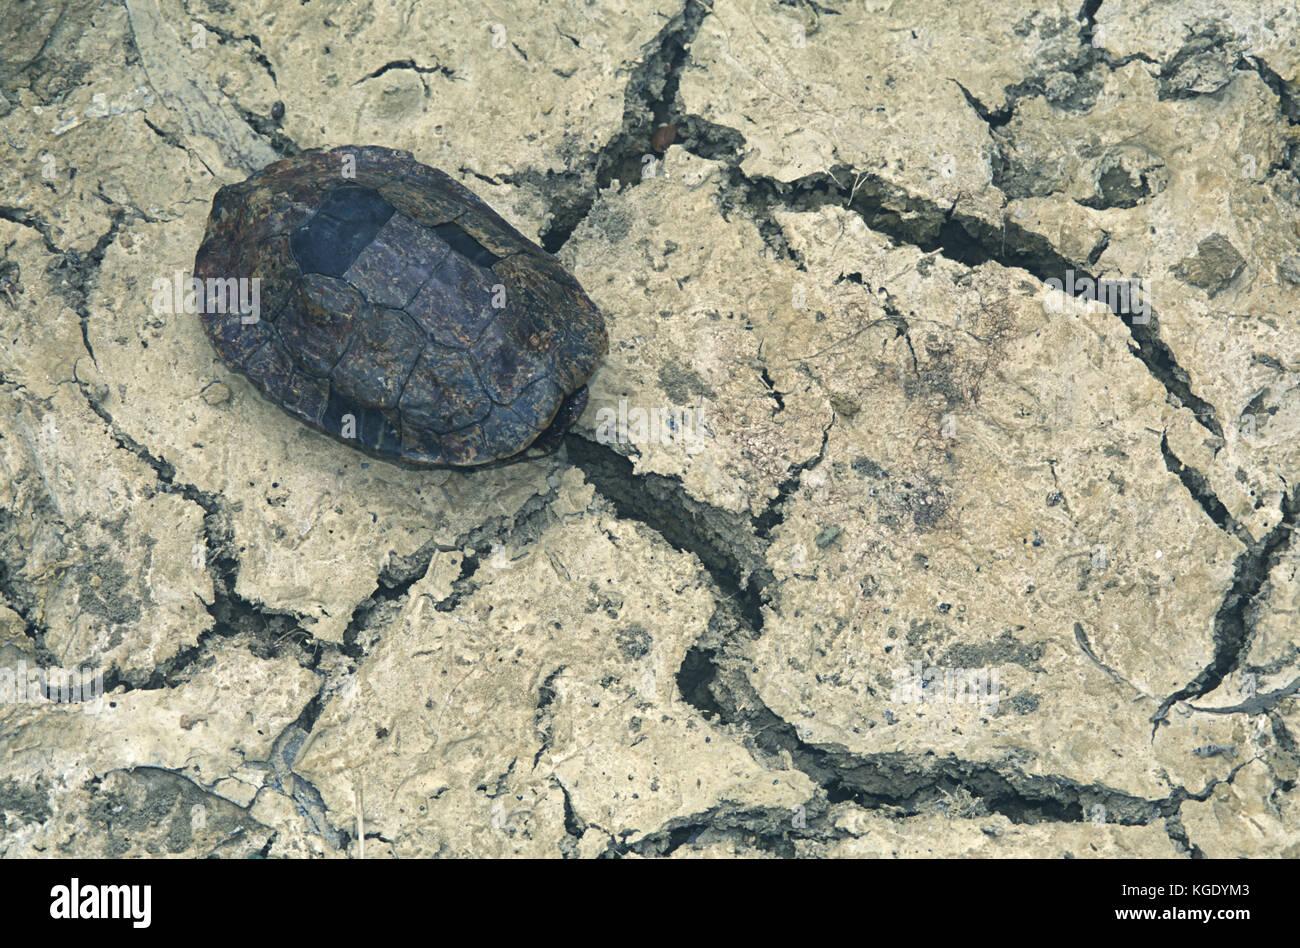 Extreme Trockenheit trocknete der See, wo diese Schildkröte lebt, so dass nur noch ihre Panzer auf die trockene Stockbild